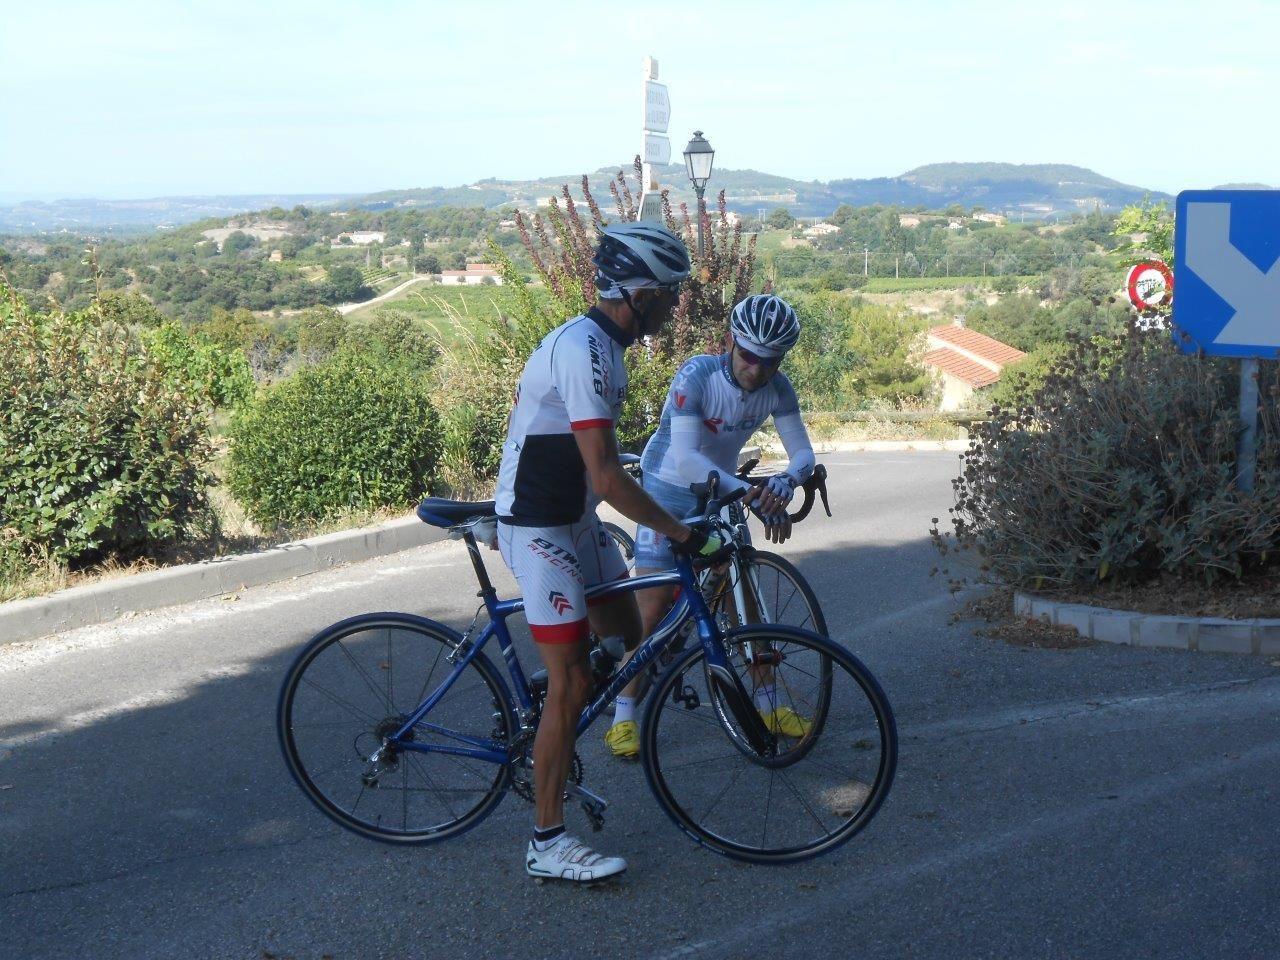 Jean-Marie, Pascal et Jean-Yves            -         Yvan et Rocco tranquilles au milieu de la route...